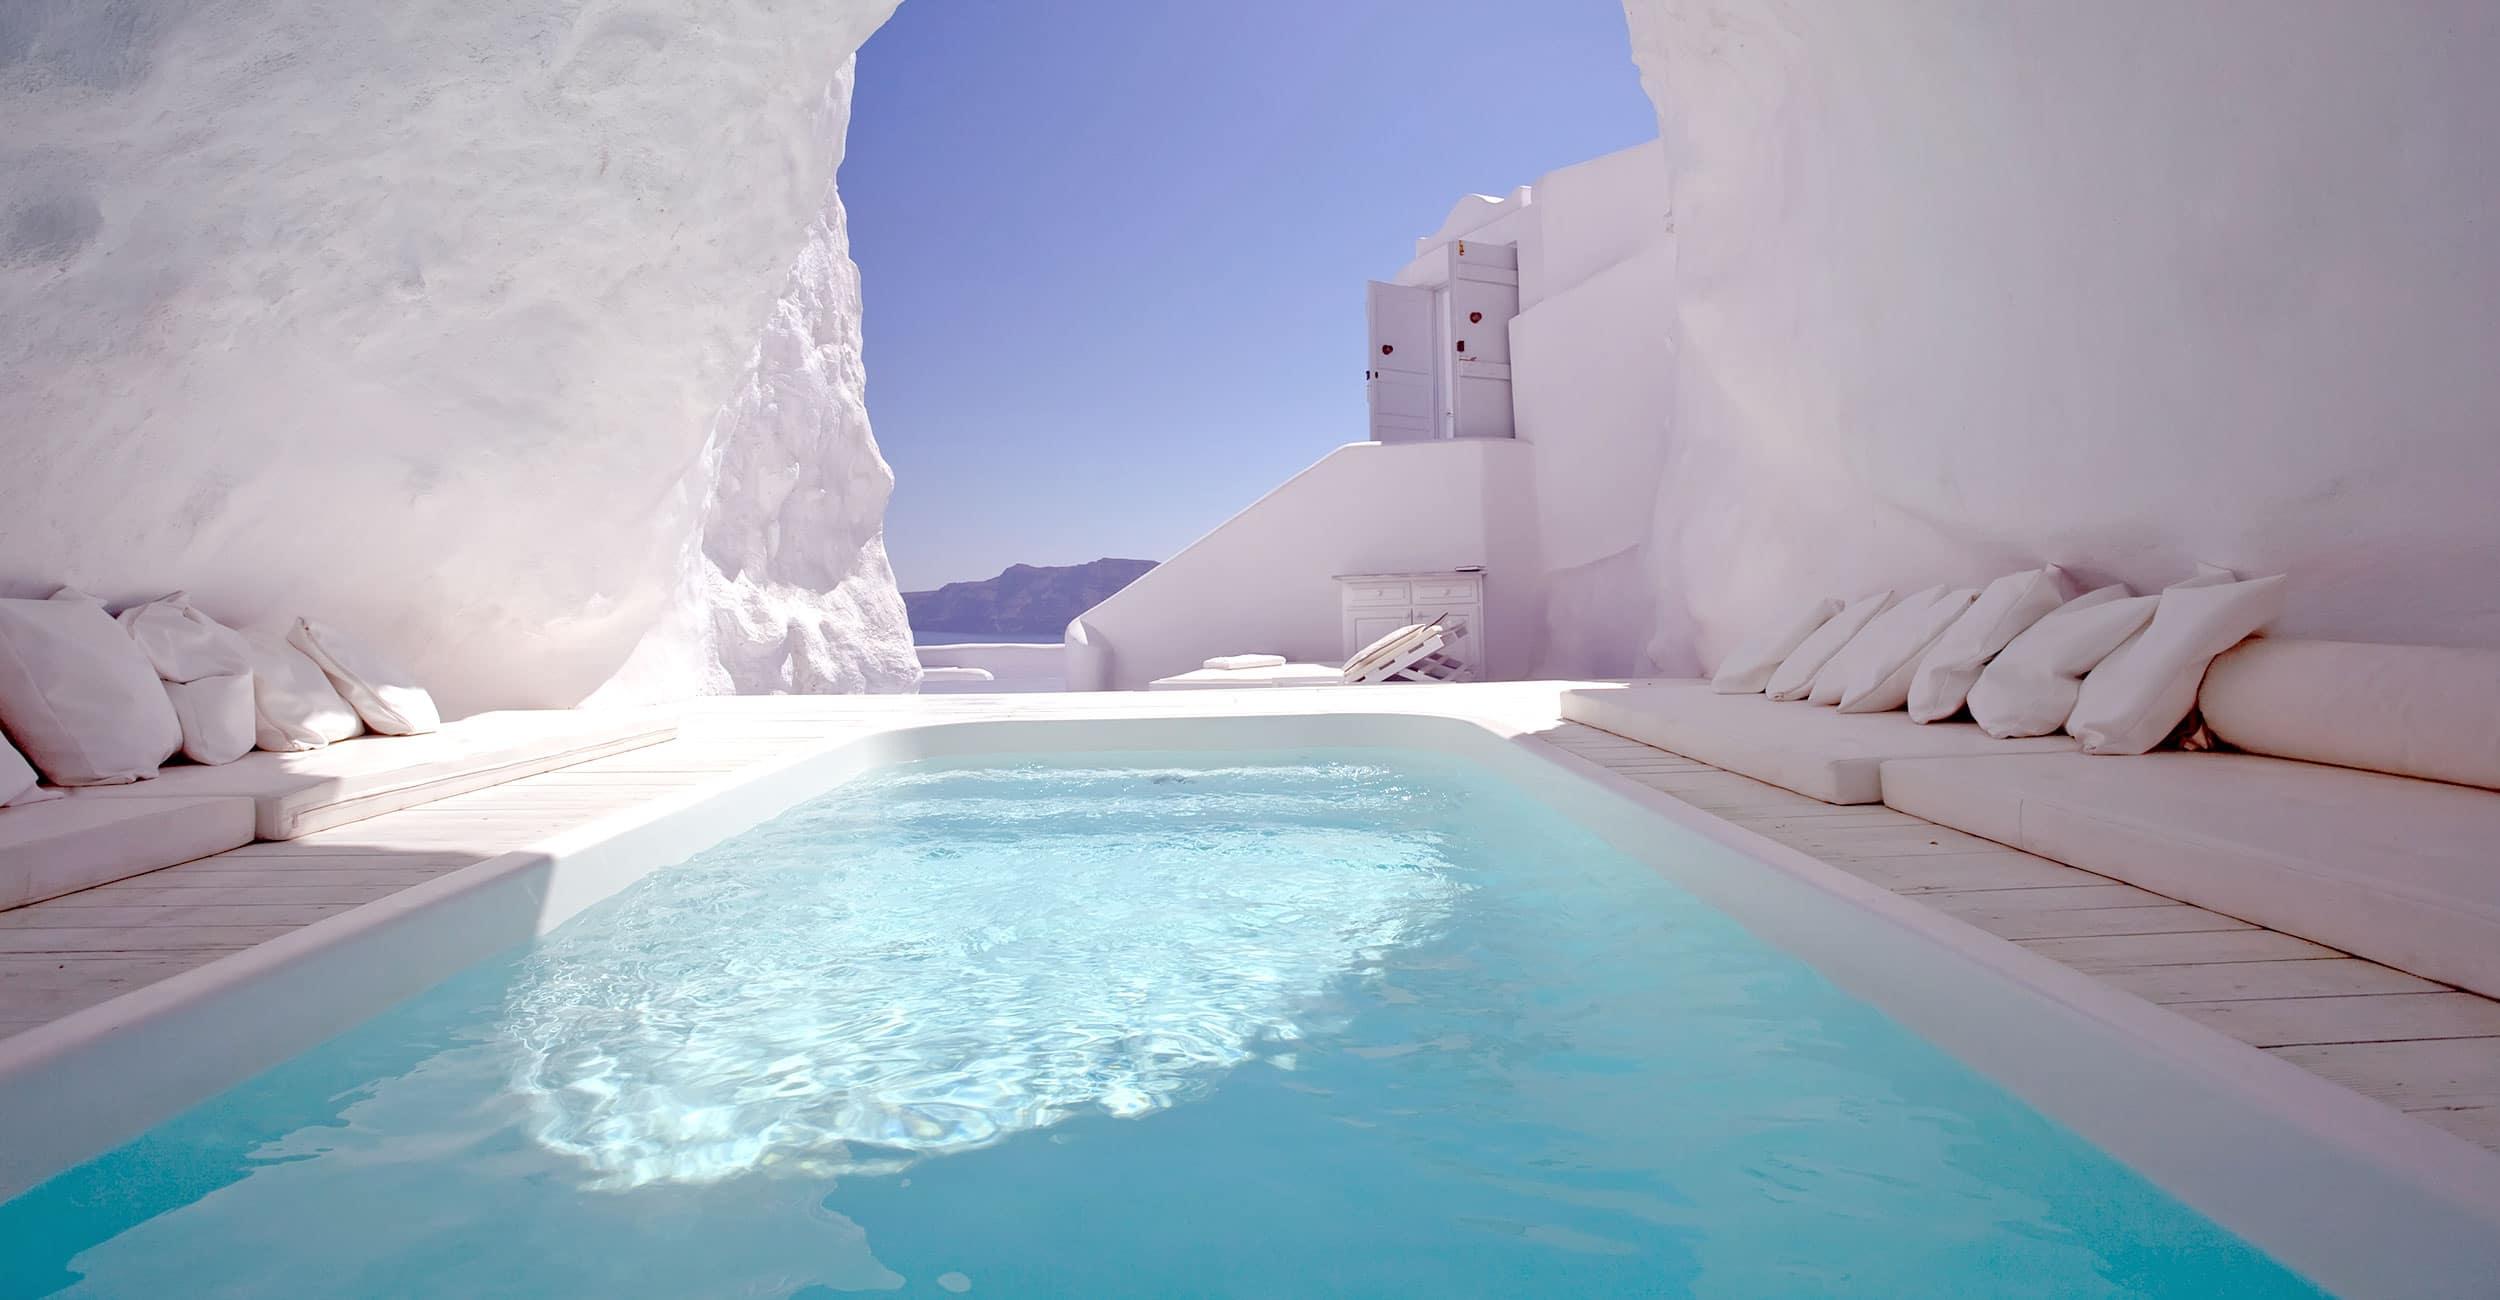 gp_grecque_2500x1300px Idées de décoration pour aménager son espace piscine à coque